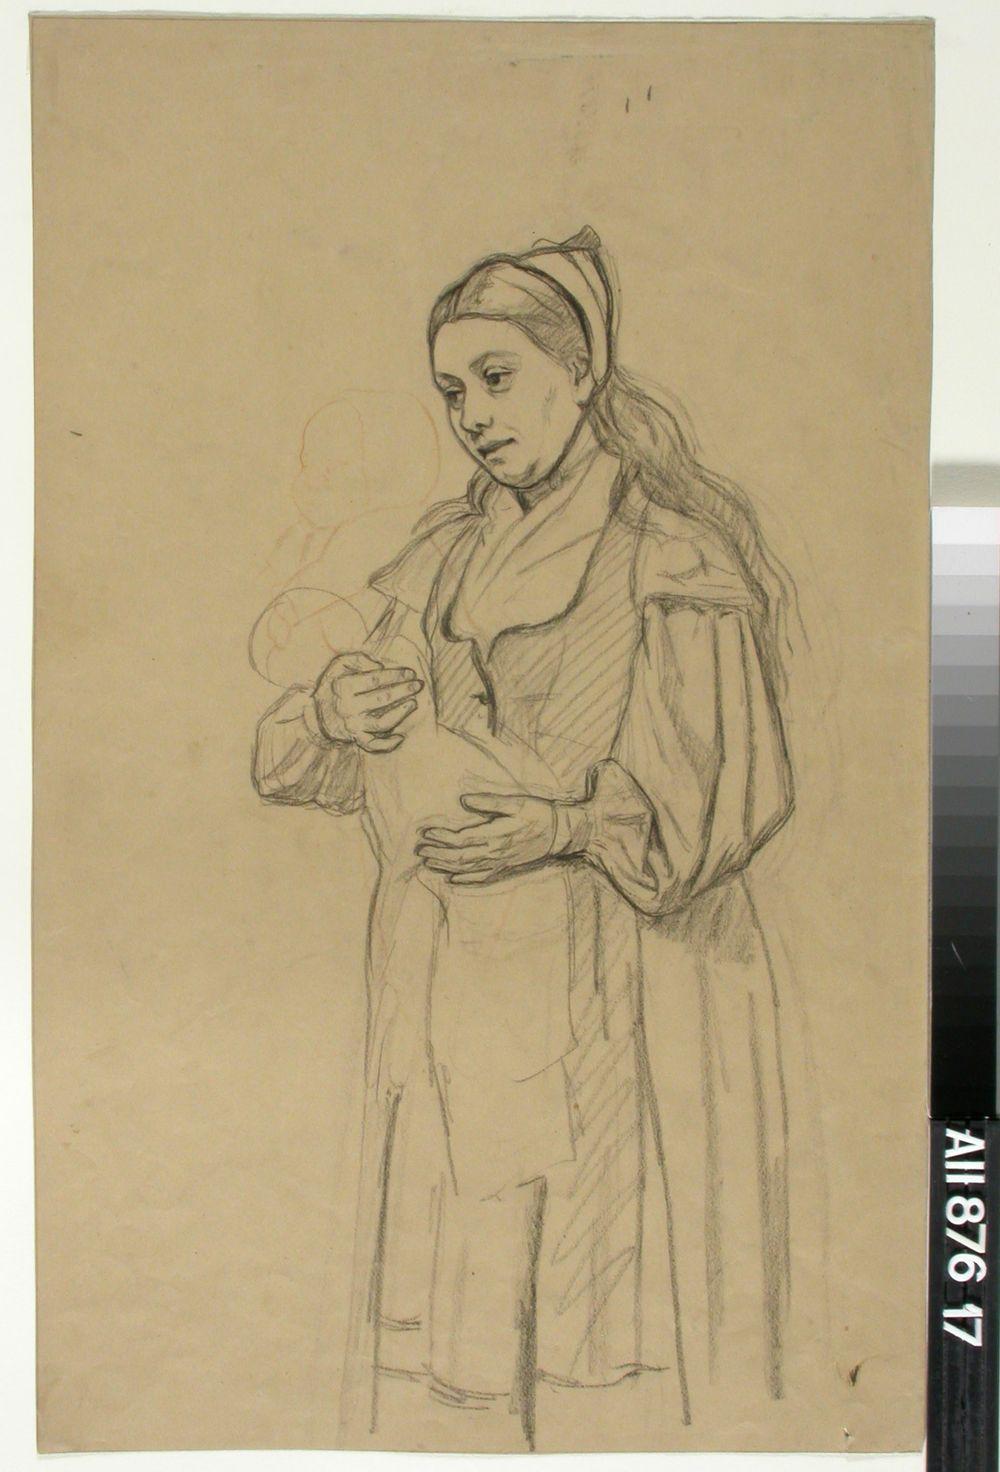 Seisova nainen pikku vauva käsivarsillaan